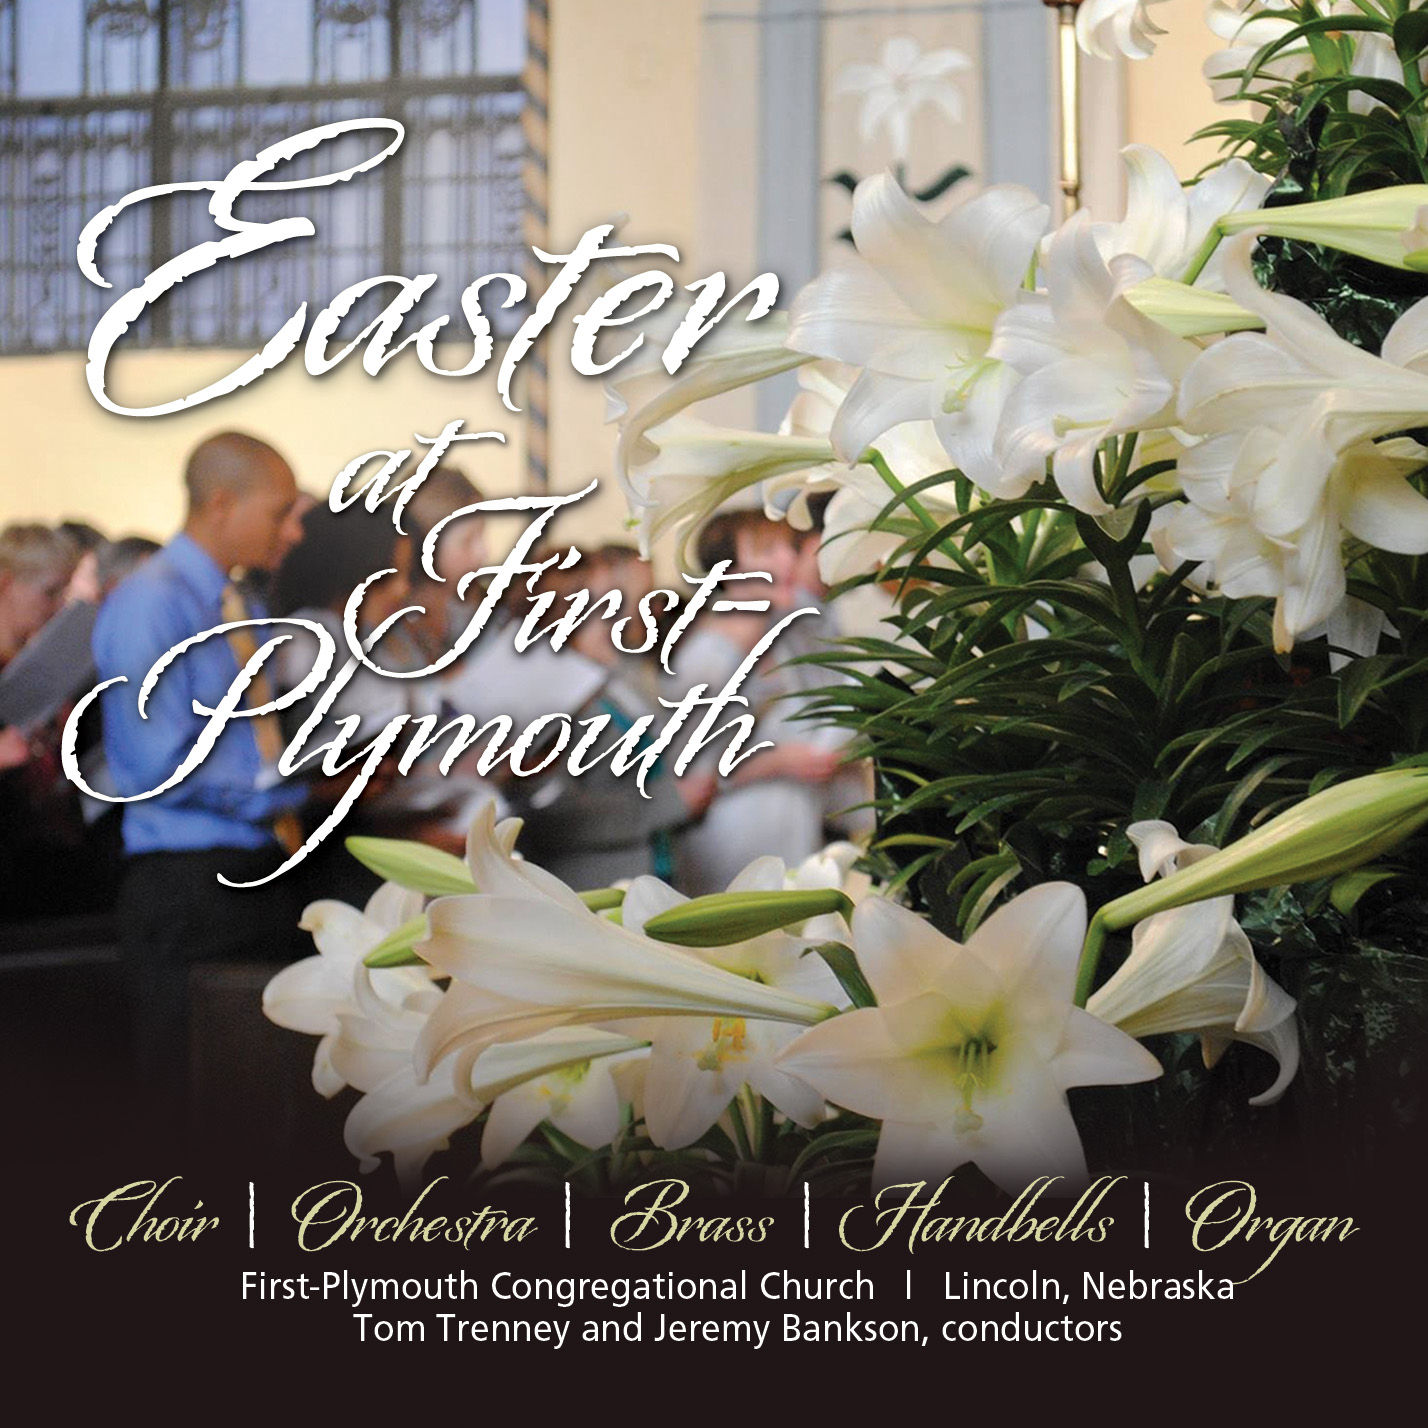 easter cover image2.jpg